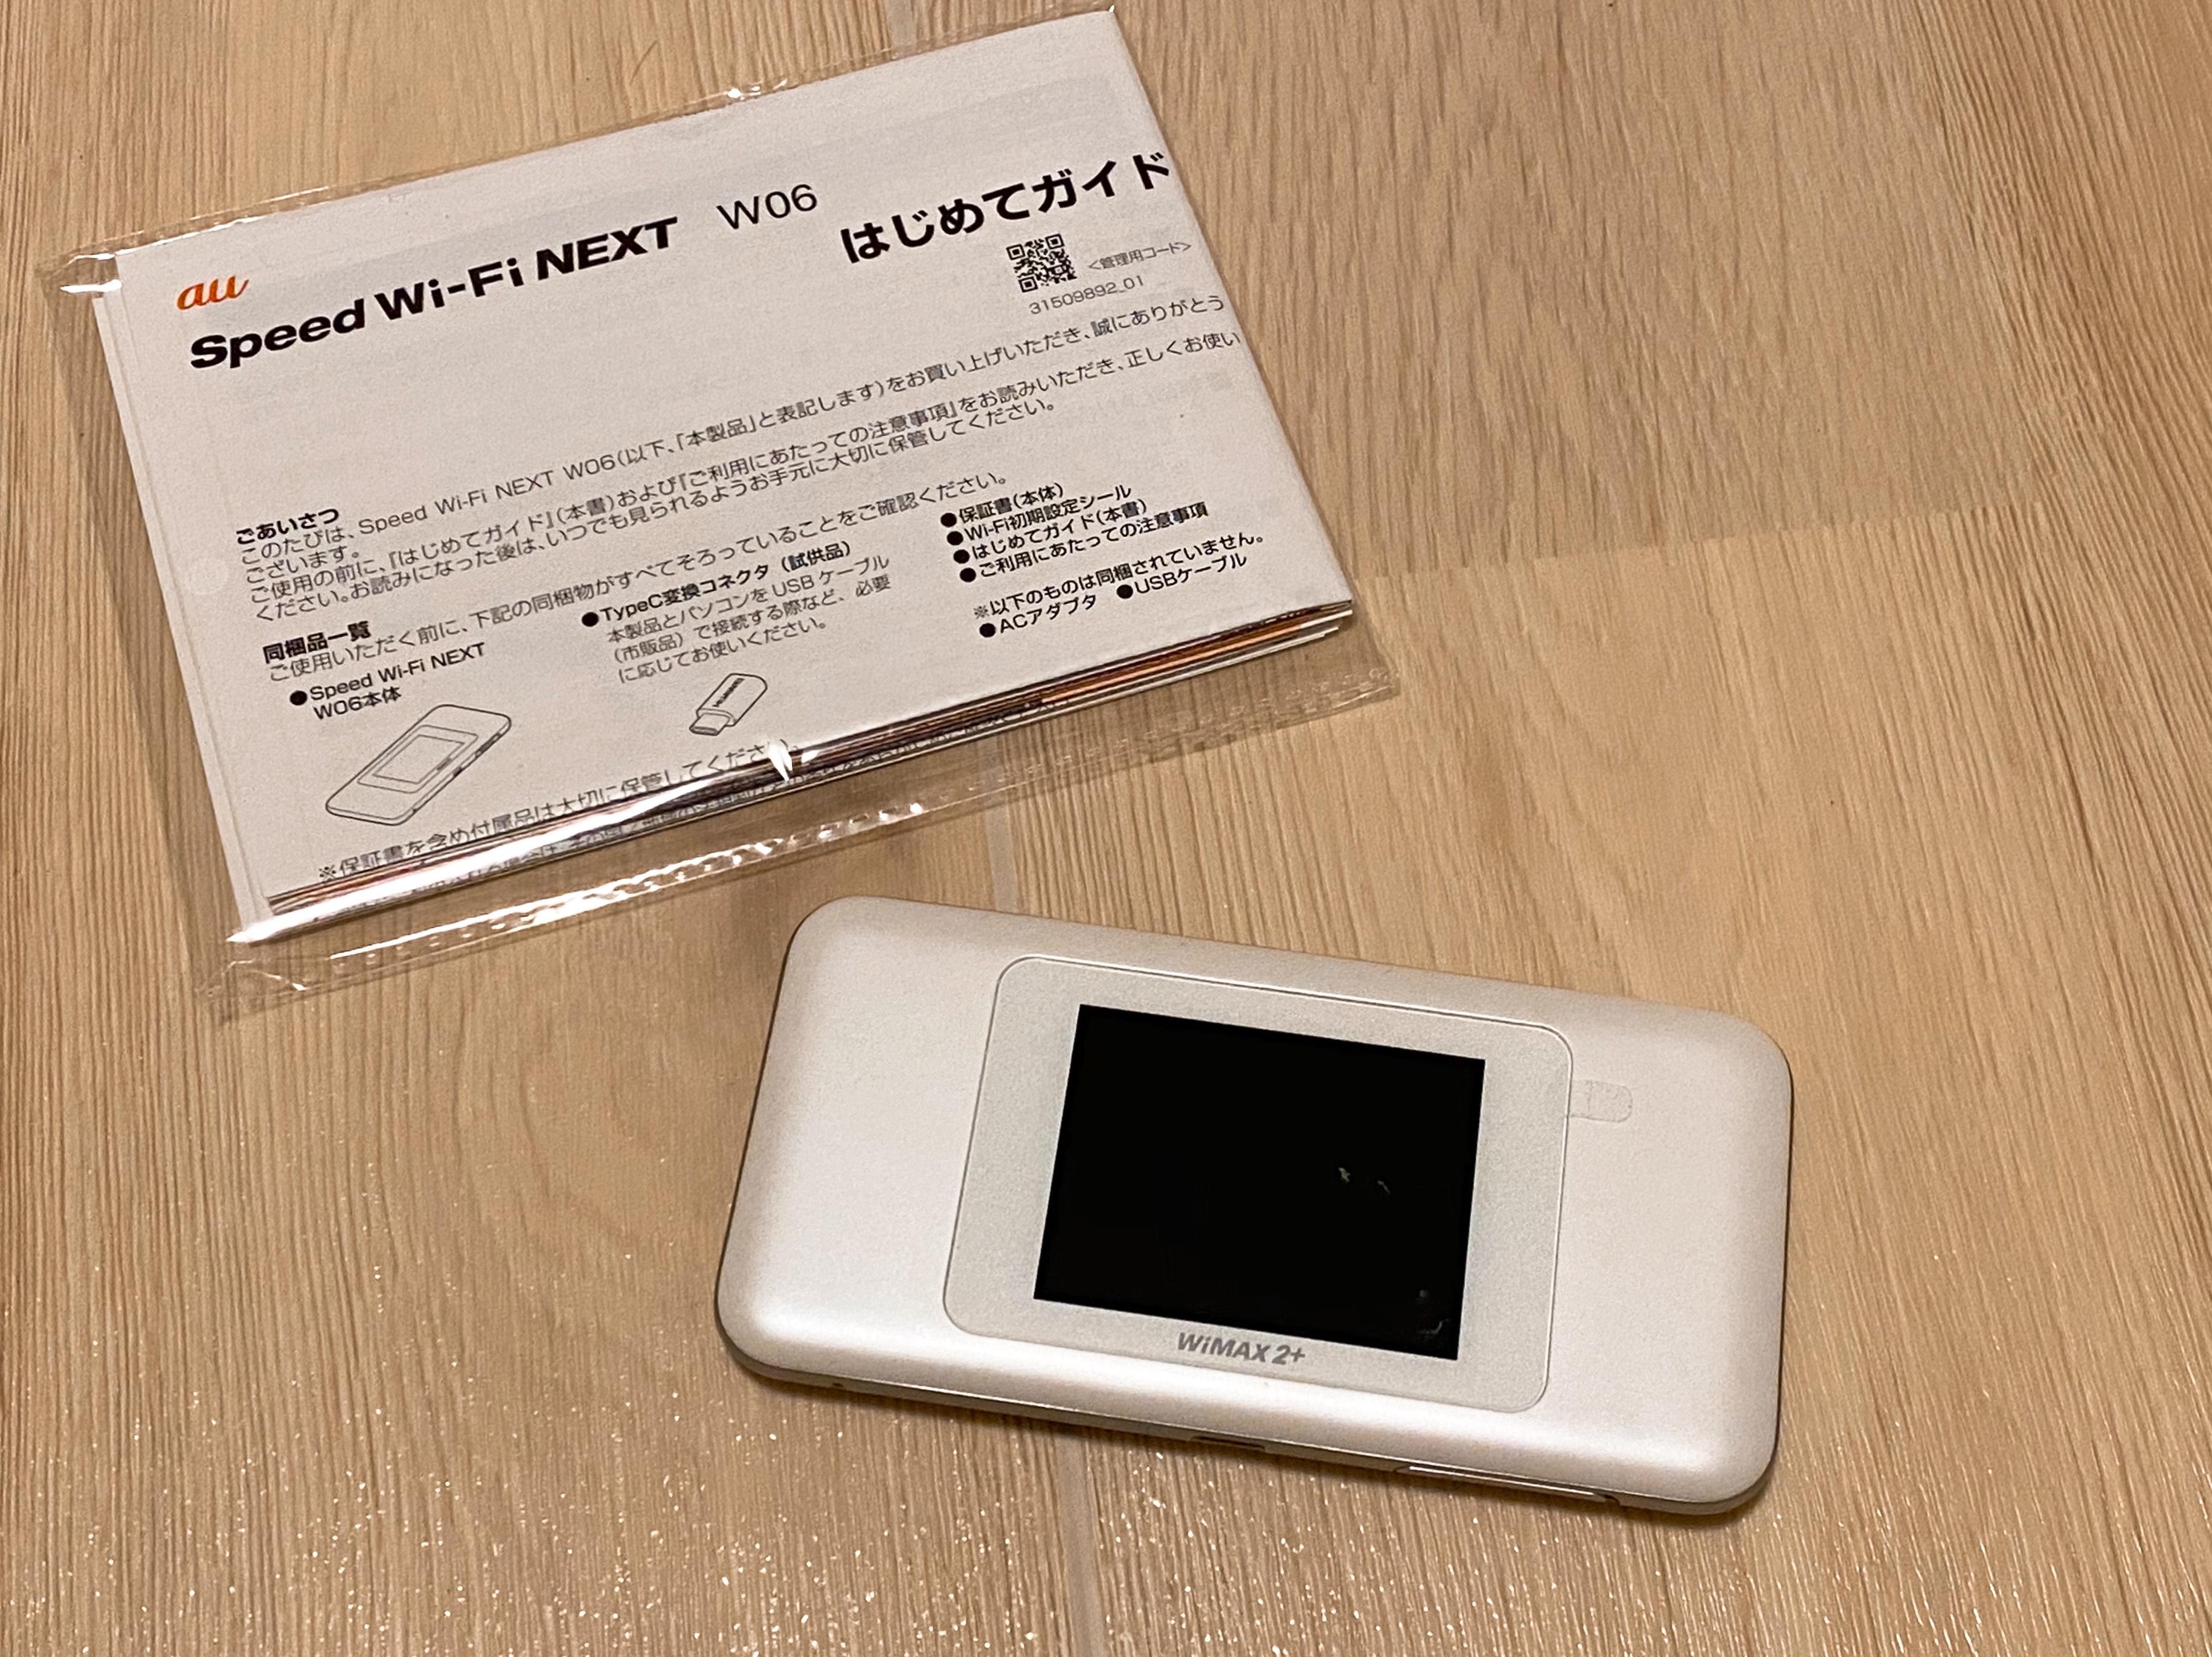 ポケットwifi梱包1